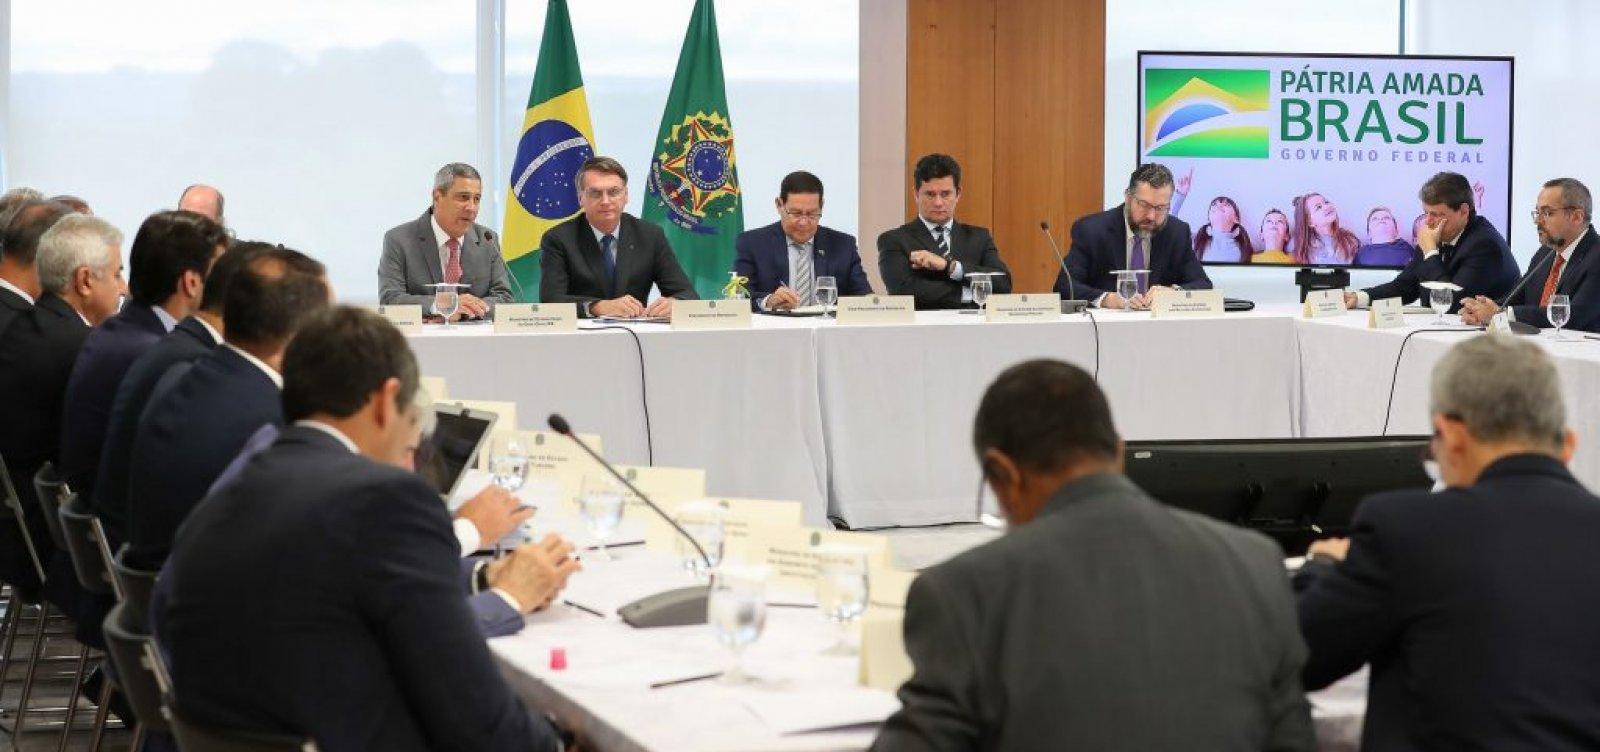 [PF mostra vídeo de reunião ministerial amanhã às 8h]